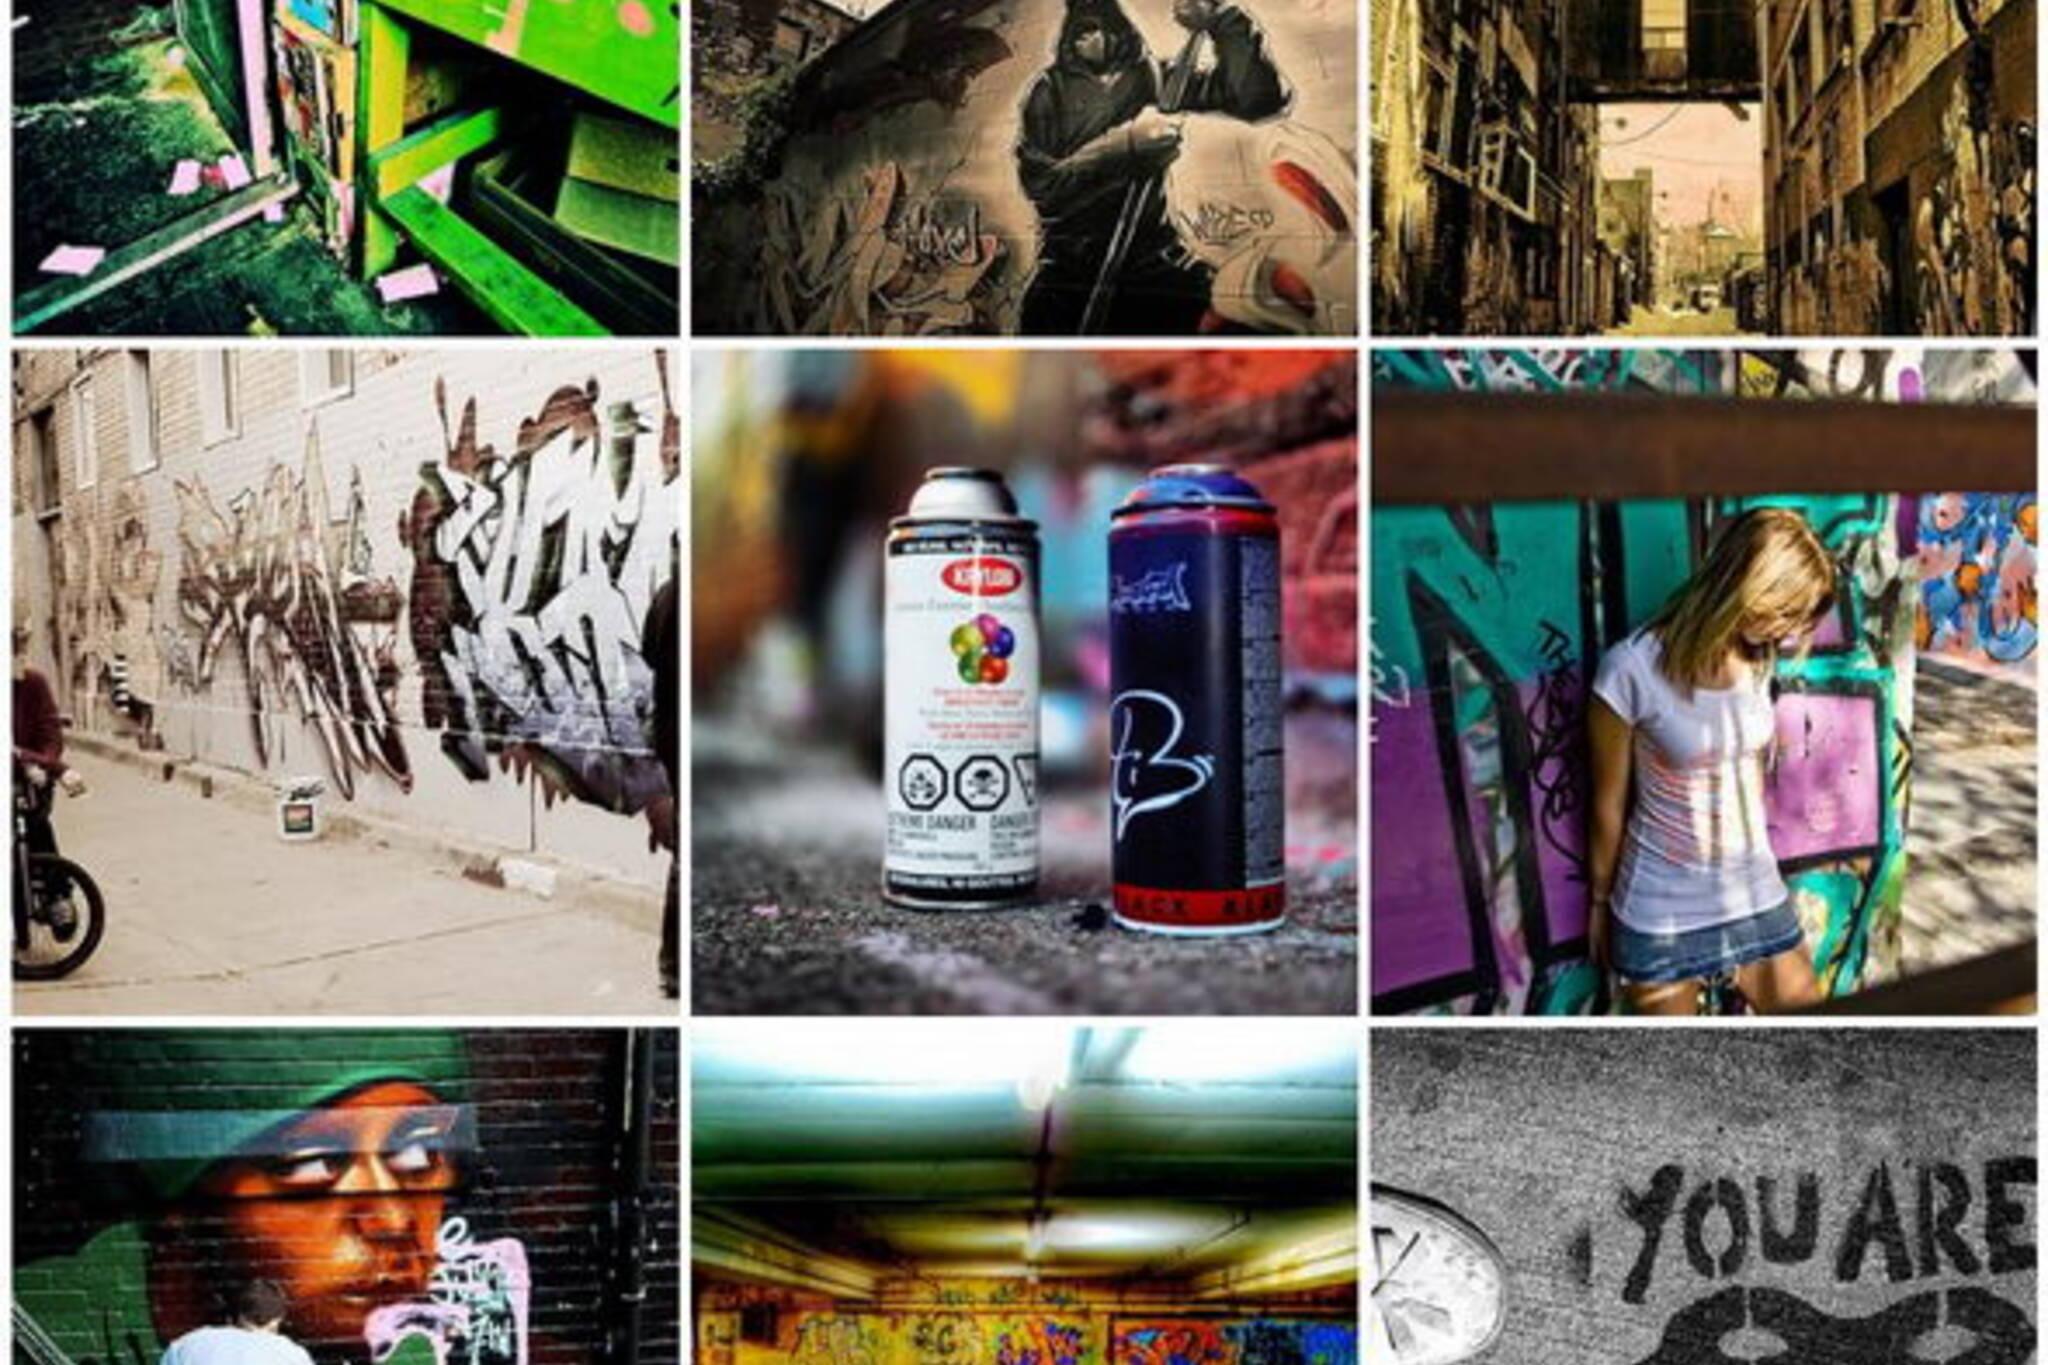 Flickr Forum: July 18th, 2008 - Graffiti